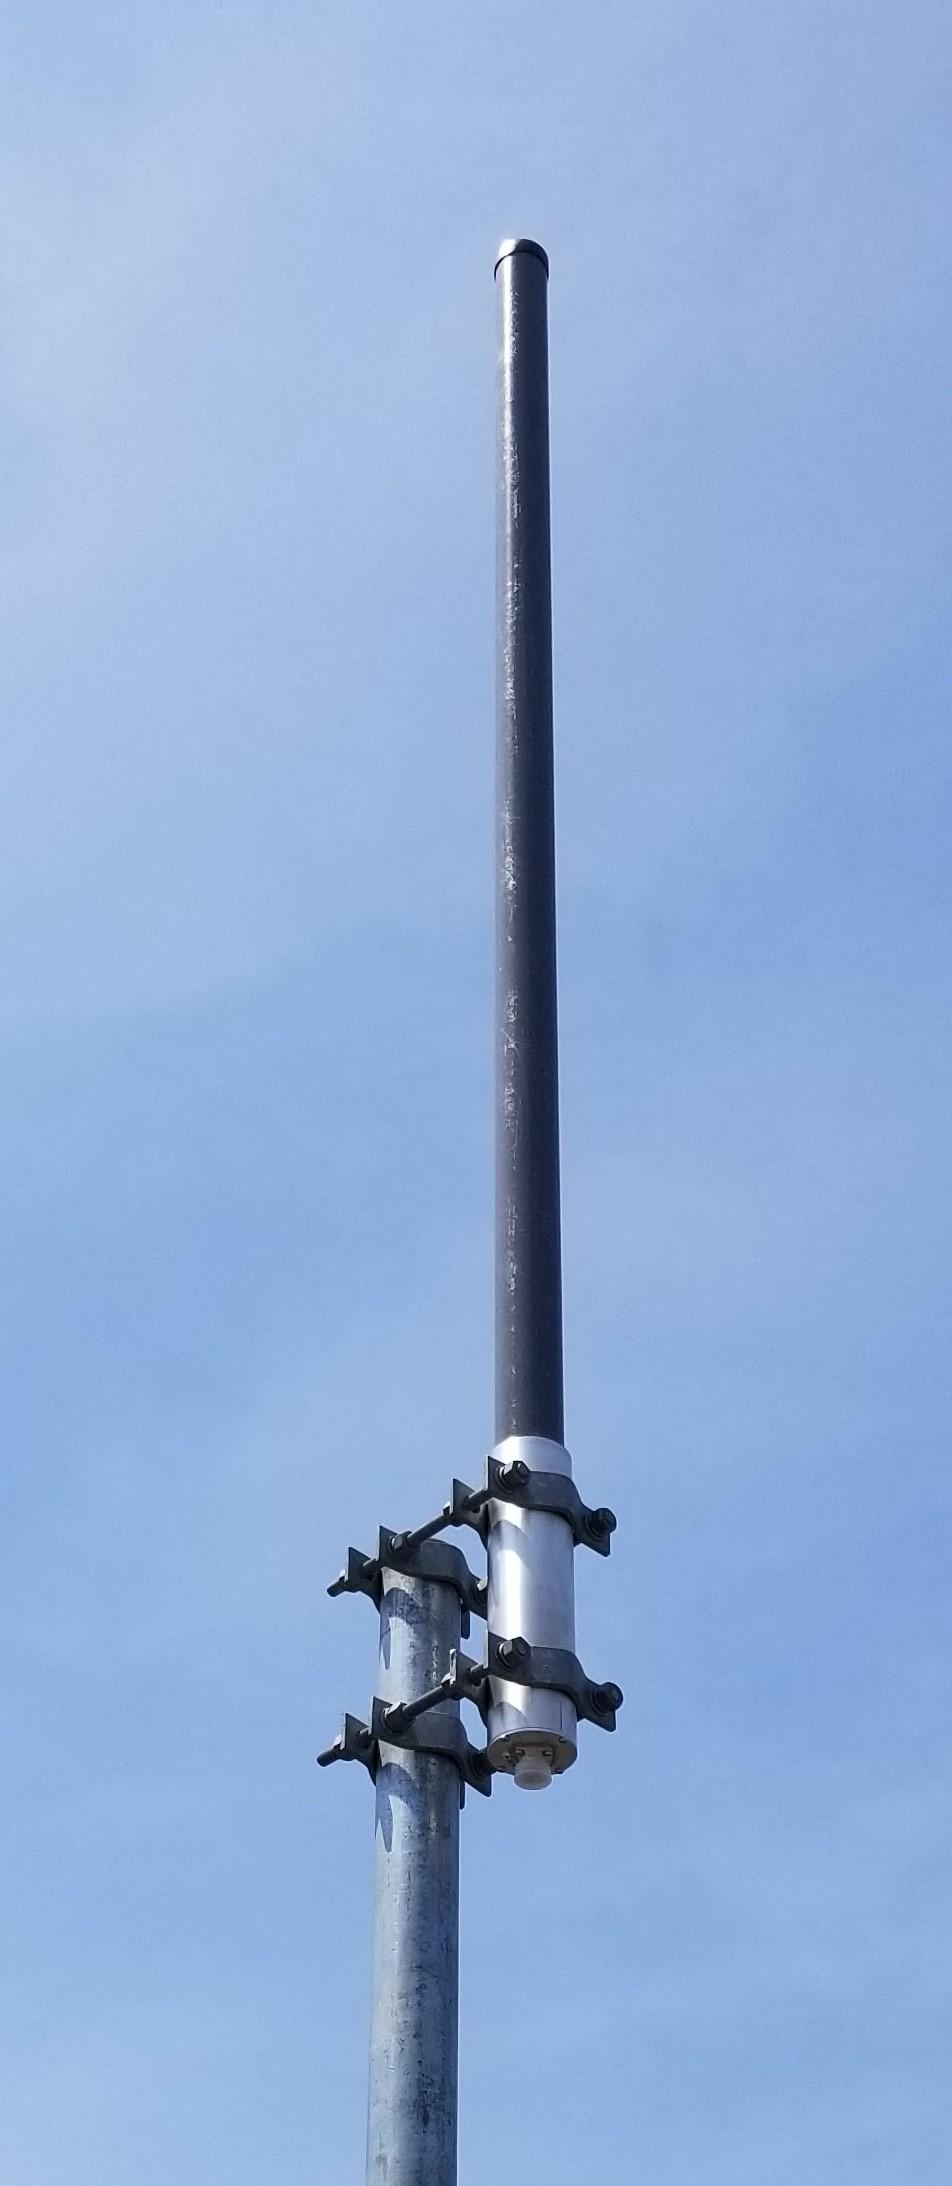 740-870MHz V-POL OMNI ANTENNA, 7.2dBd